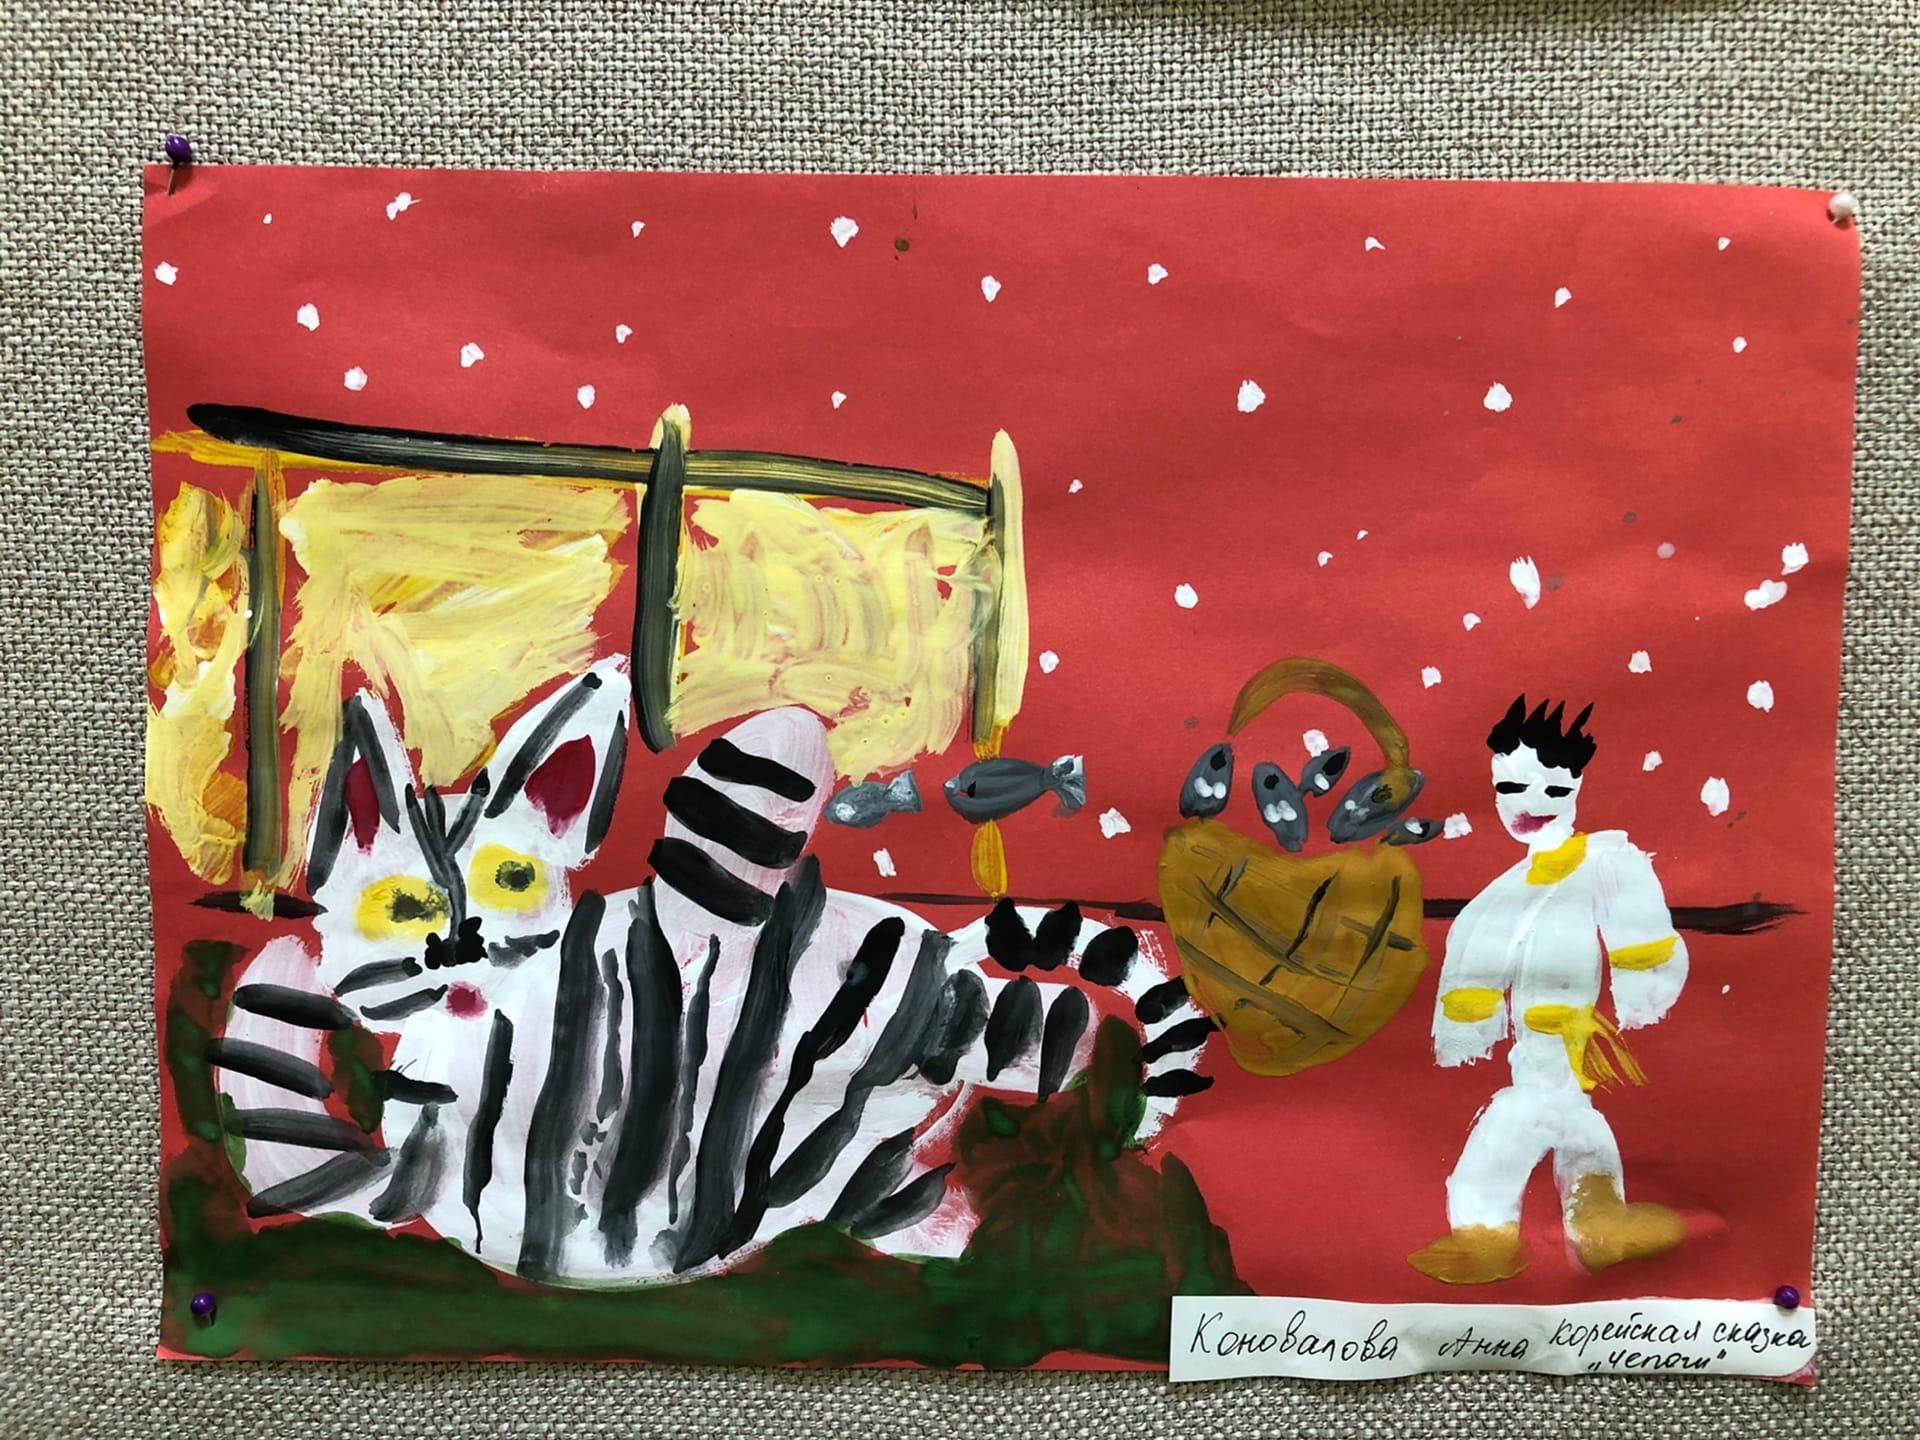 Группа раннего развития (5-6 лет) подготовили выставку художественных работ на тему «Сказки»